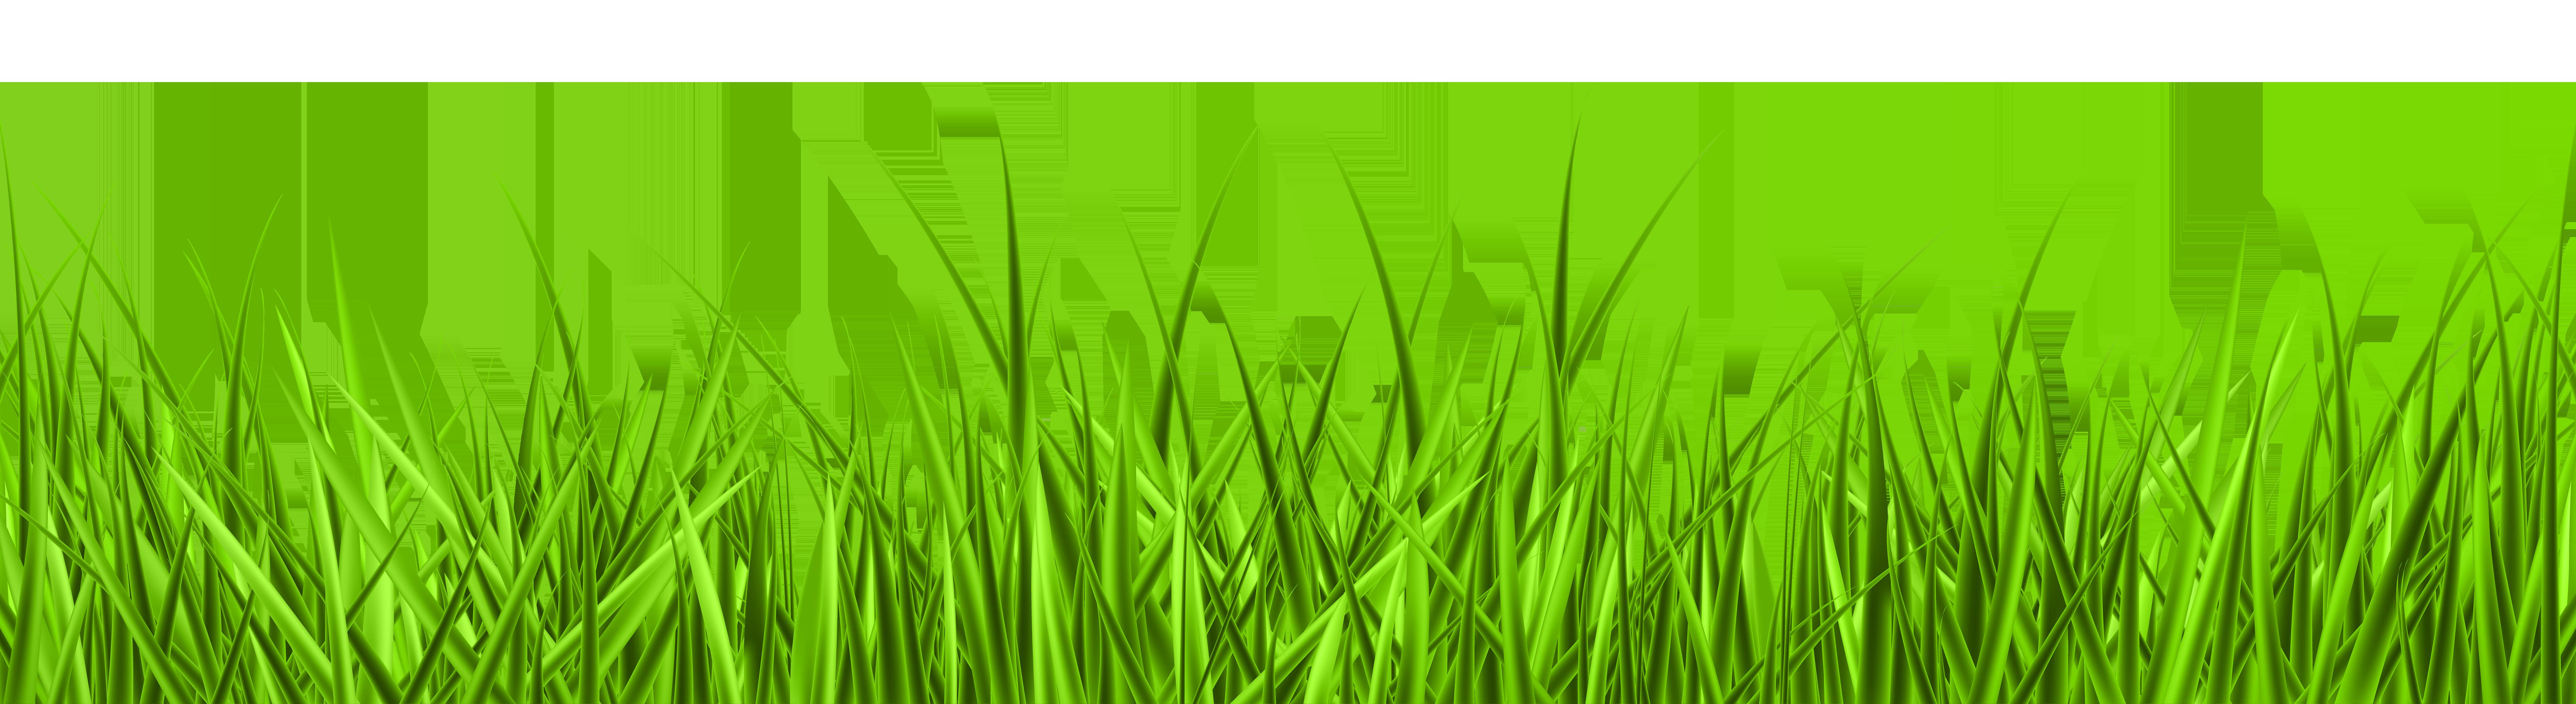 lawn grass clipart - Grass Clipart